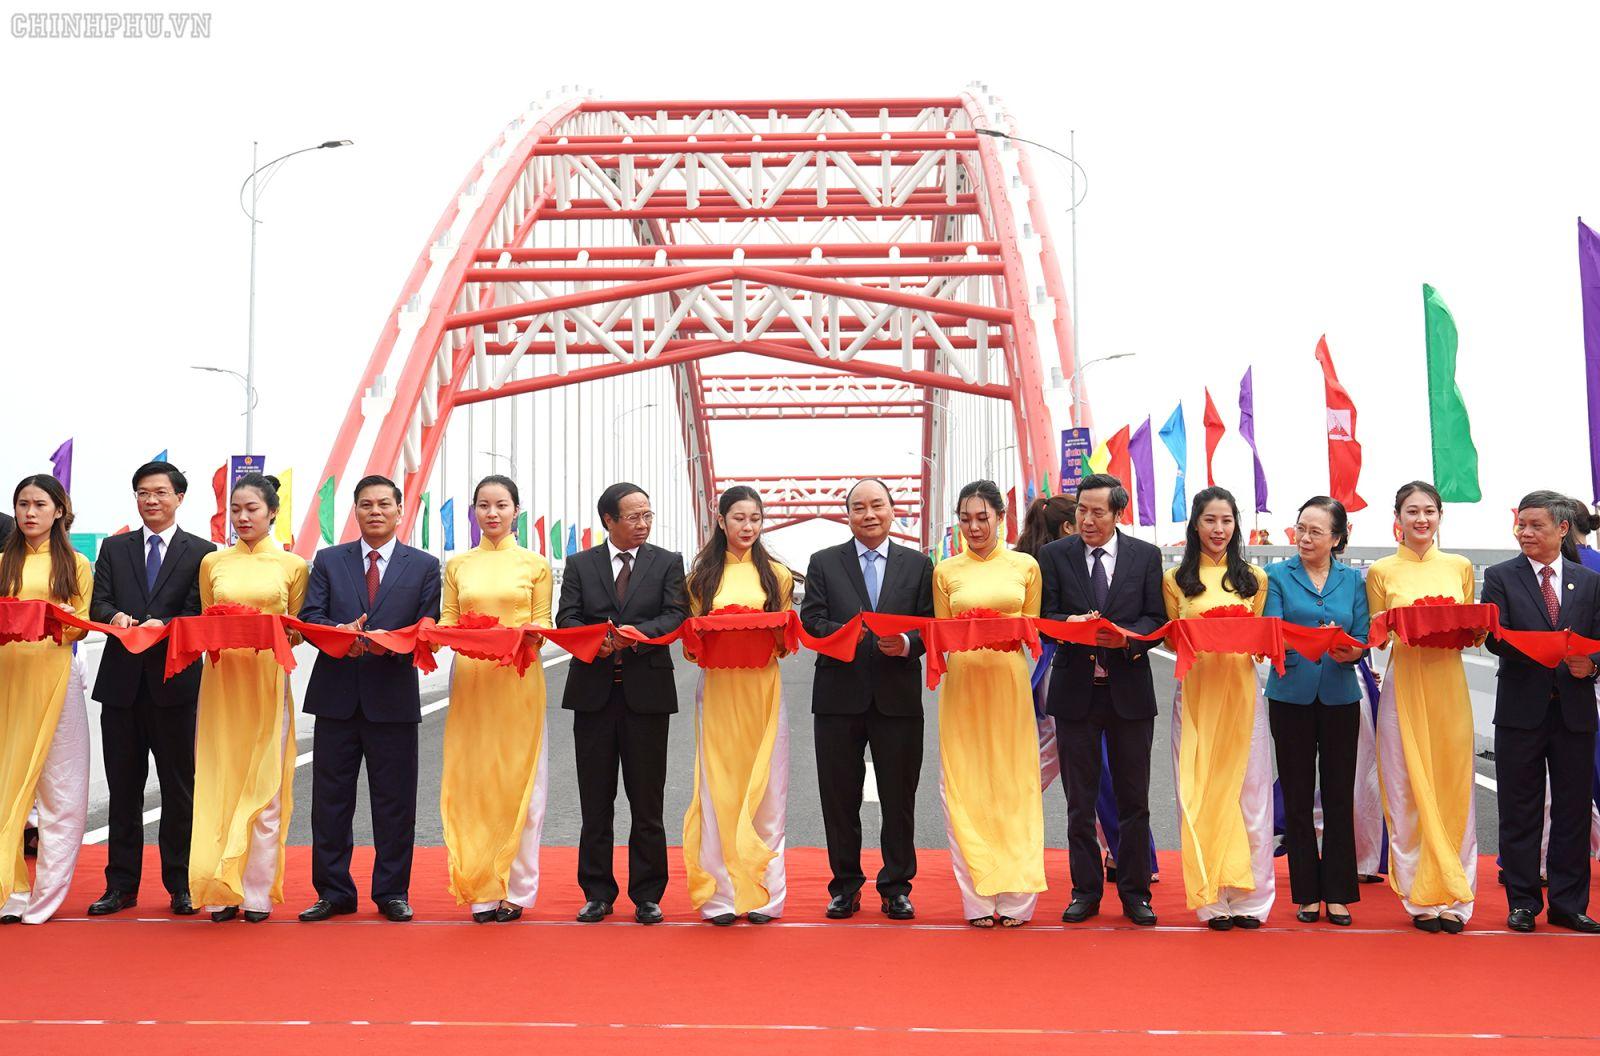 Thủ tướng Nguyễn Xuân Phúc và các đại biểu cắt băng thông xe kỹ thuật cầu Hoàng Văn Thụ. Ảnh: VGP/Quang Hiếu